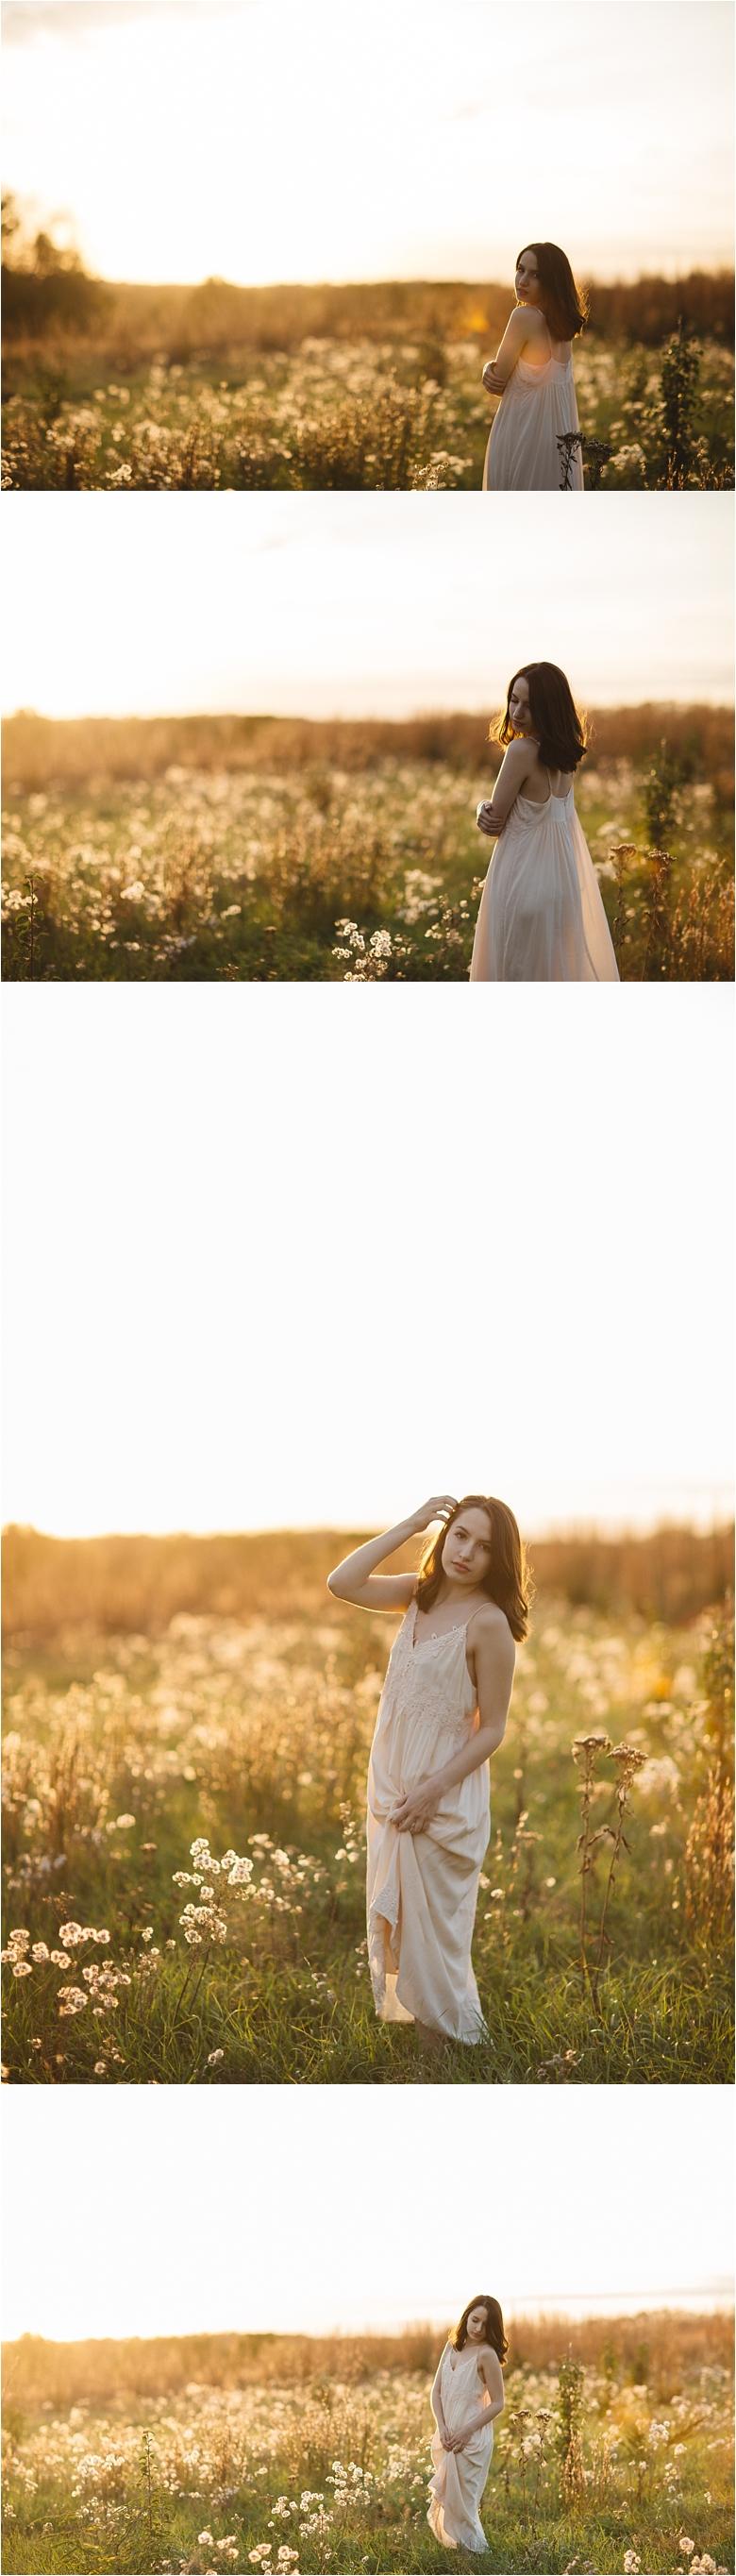 kansascitybestseniorphotographer_0133